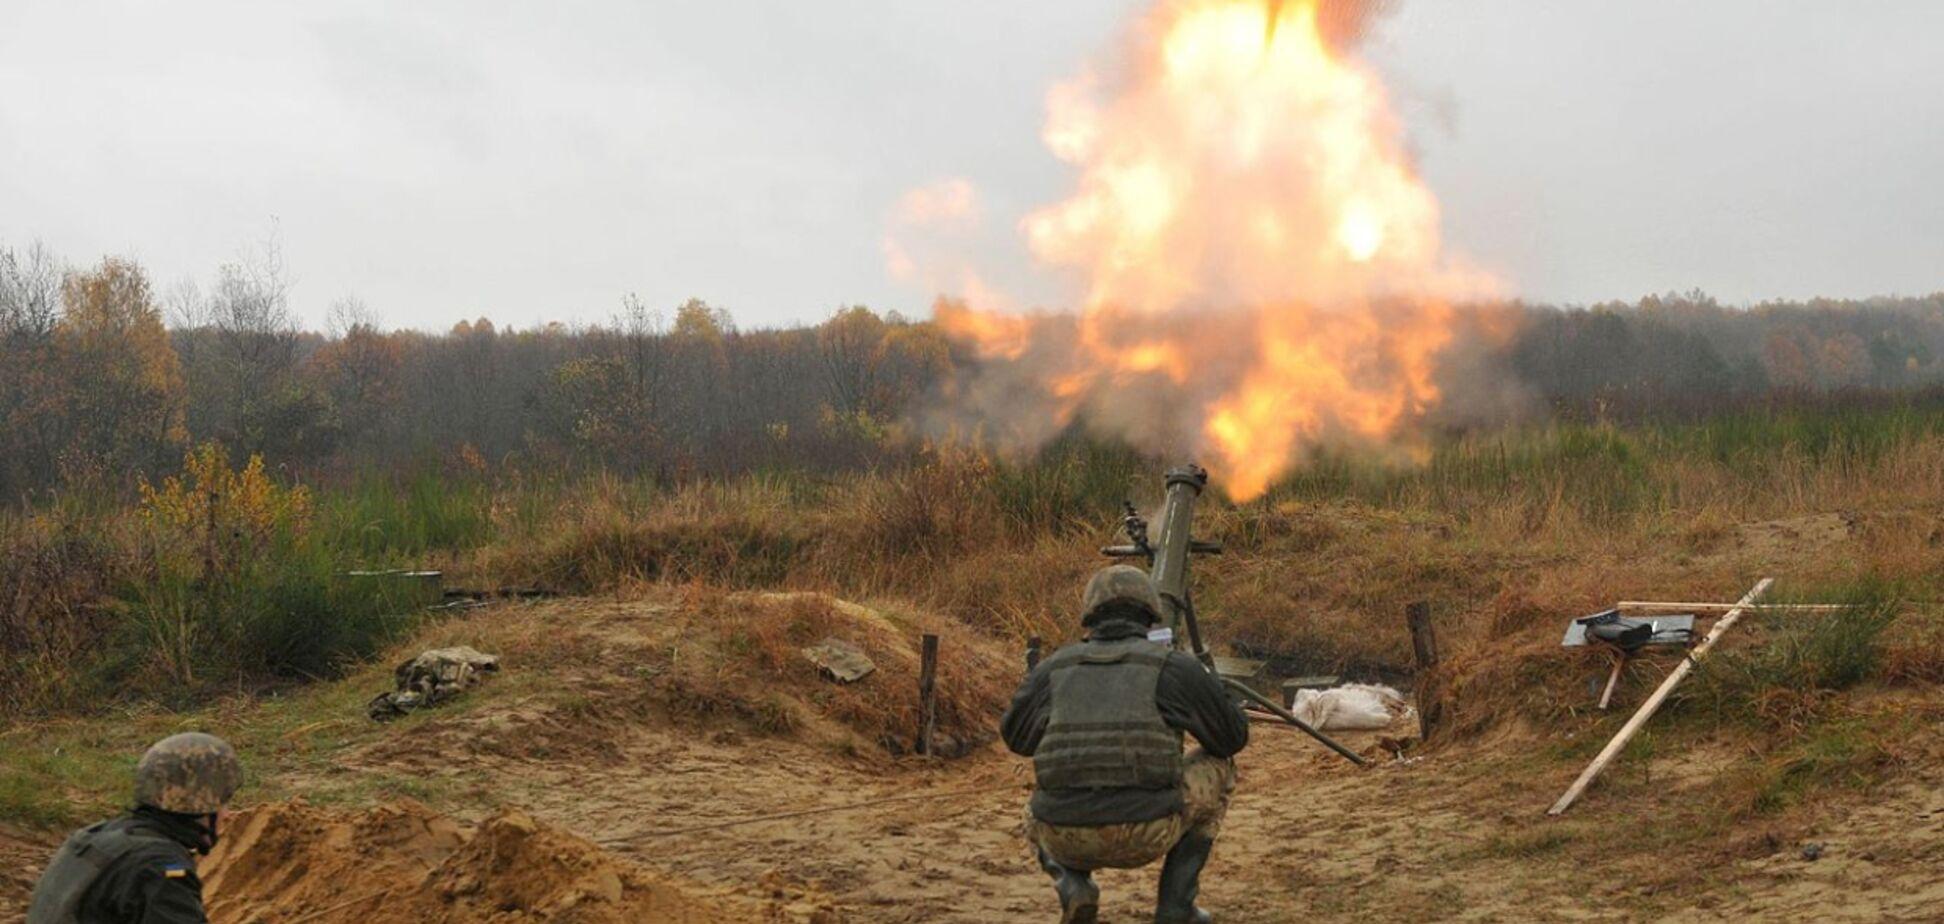 ВСУ попали под страшный обстрел на Донбассе